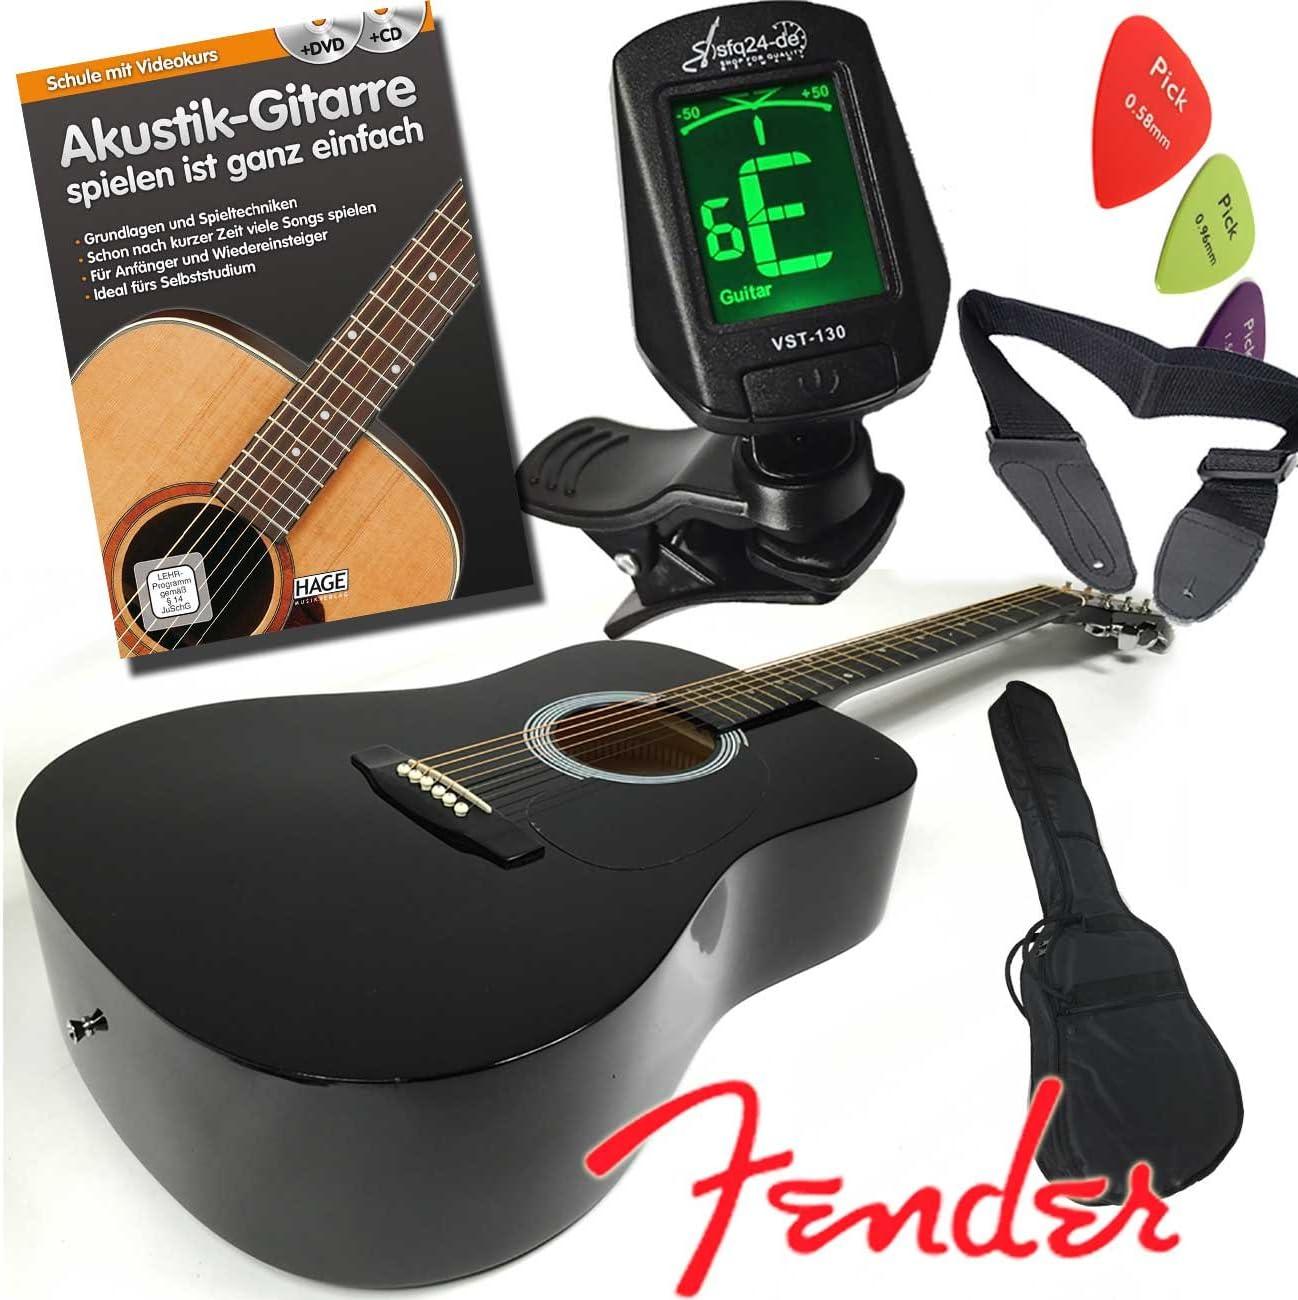 Fender Squier Set de guitarra acústica (con caja acorazada, color negro), libro de aprendizaje con CD y DVD (en alemán), bolso, afinador LED, cinturón: Amazon.es: Instrumentos musicales